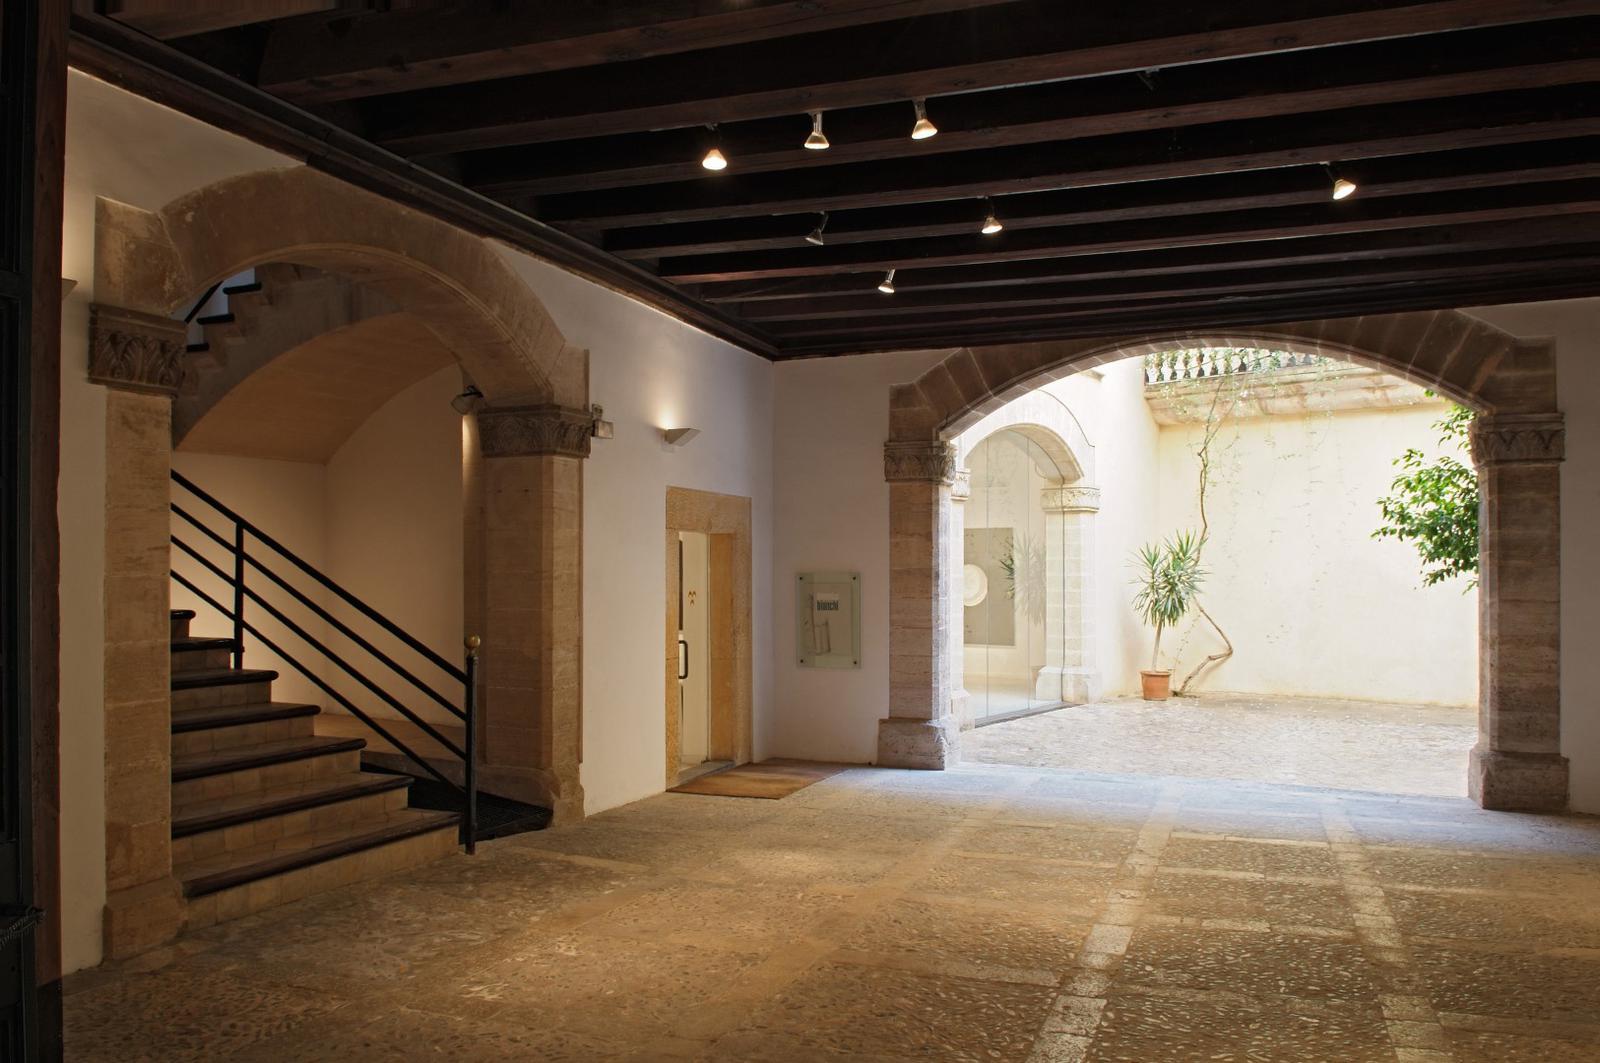 arte en Mallorca galeria pelaires mallorca